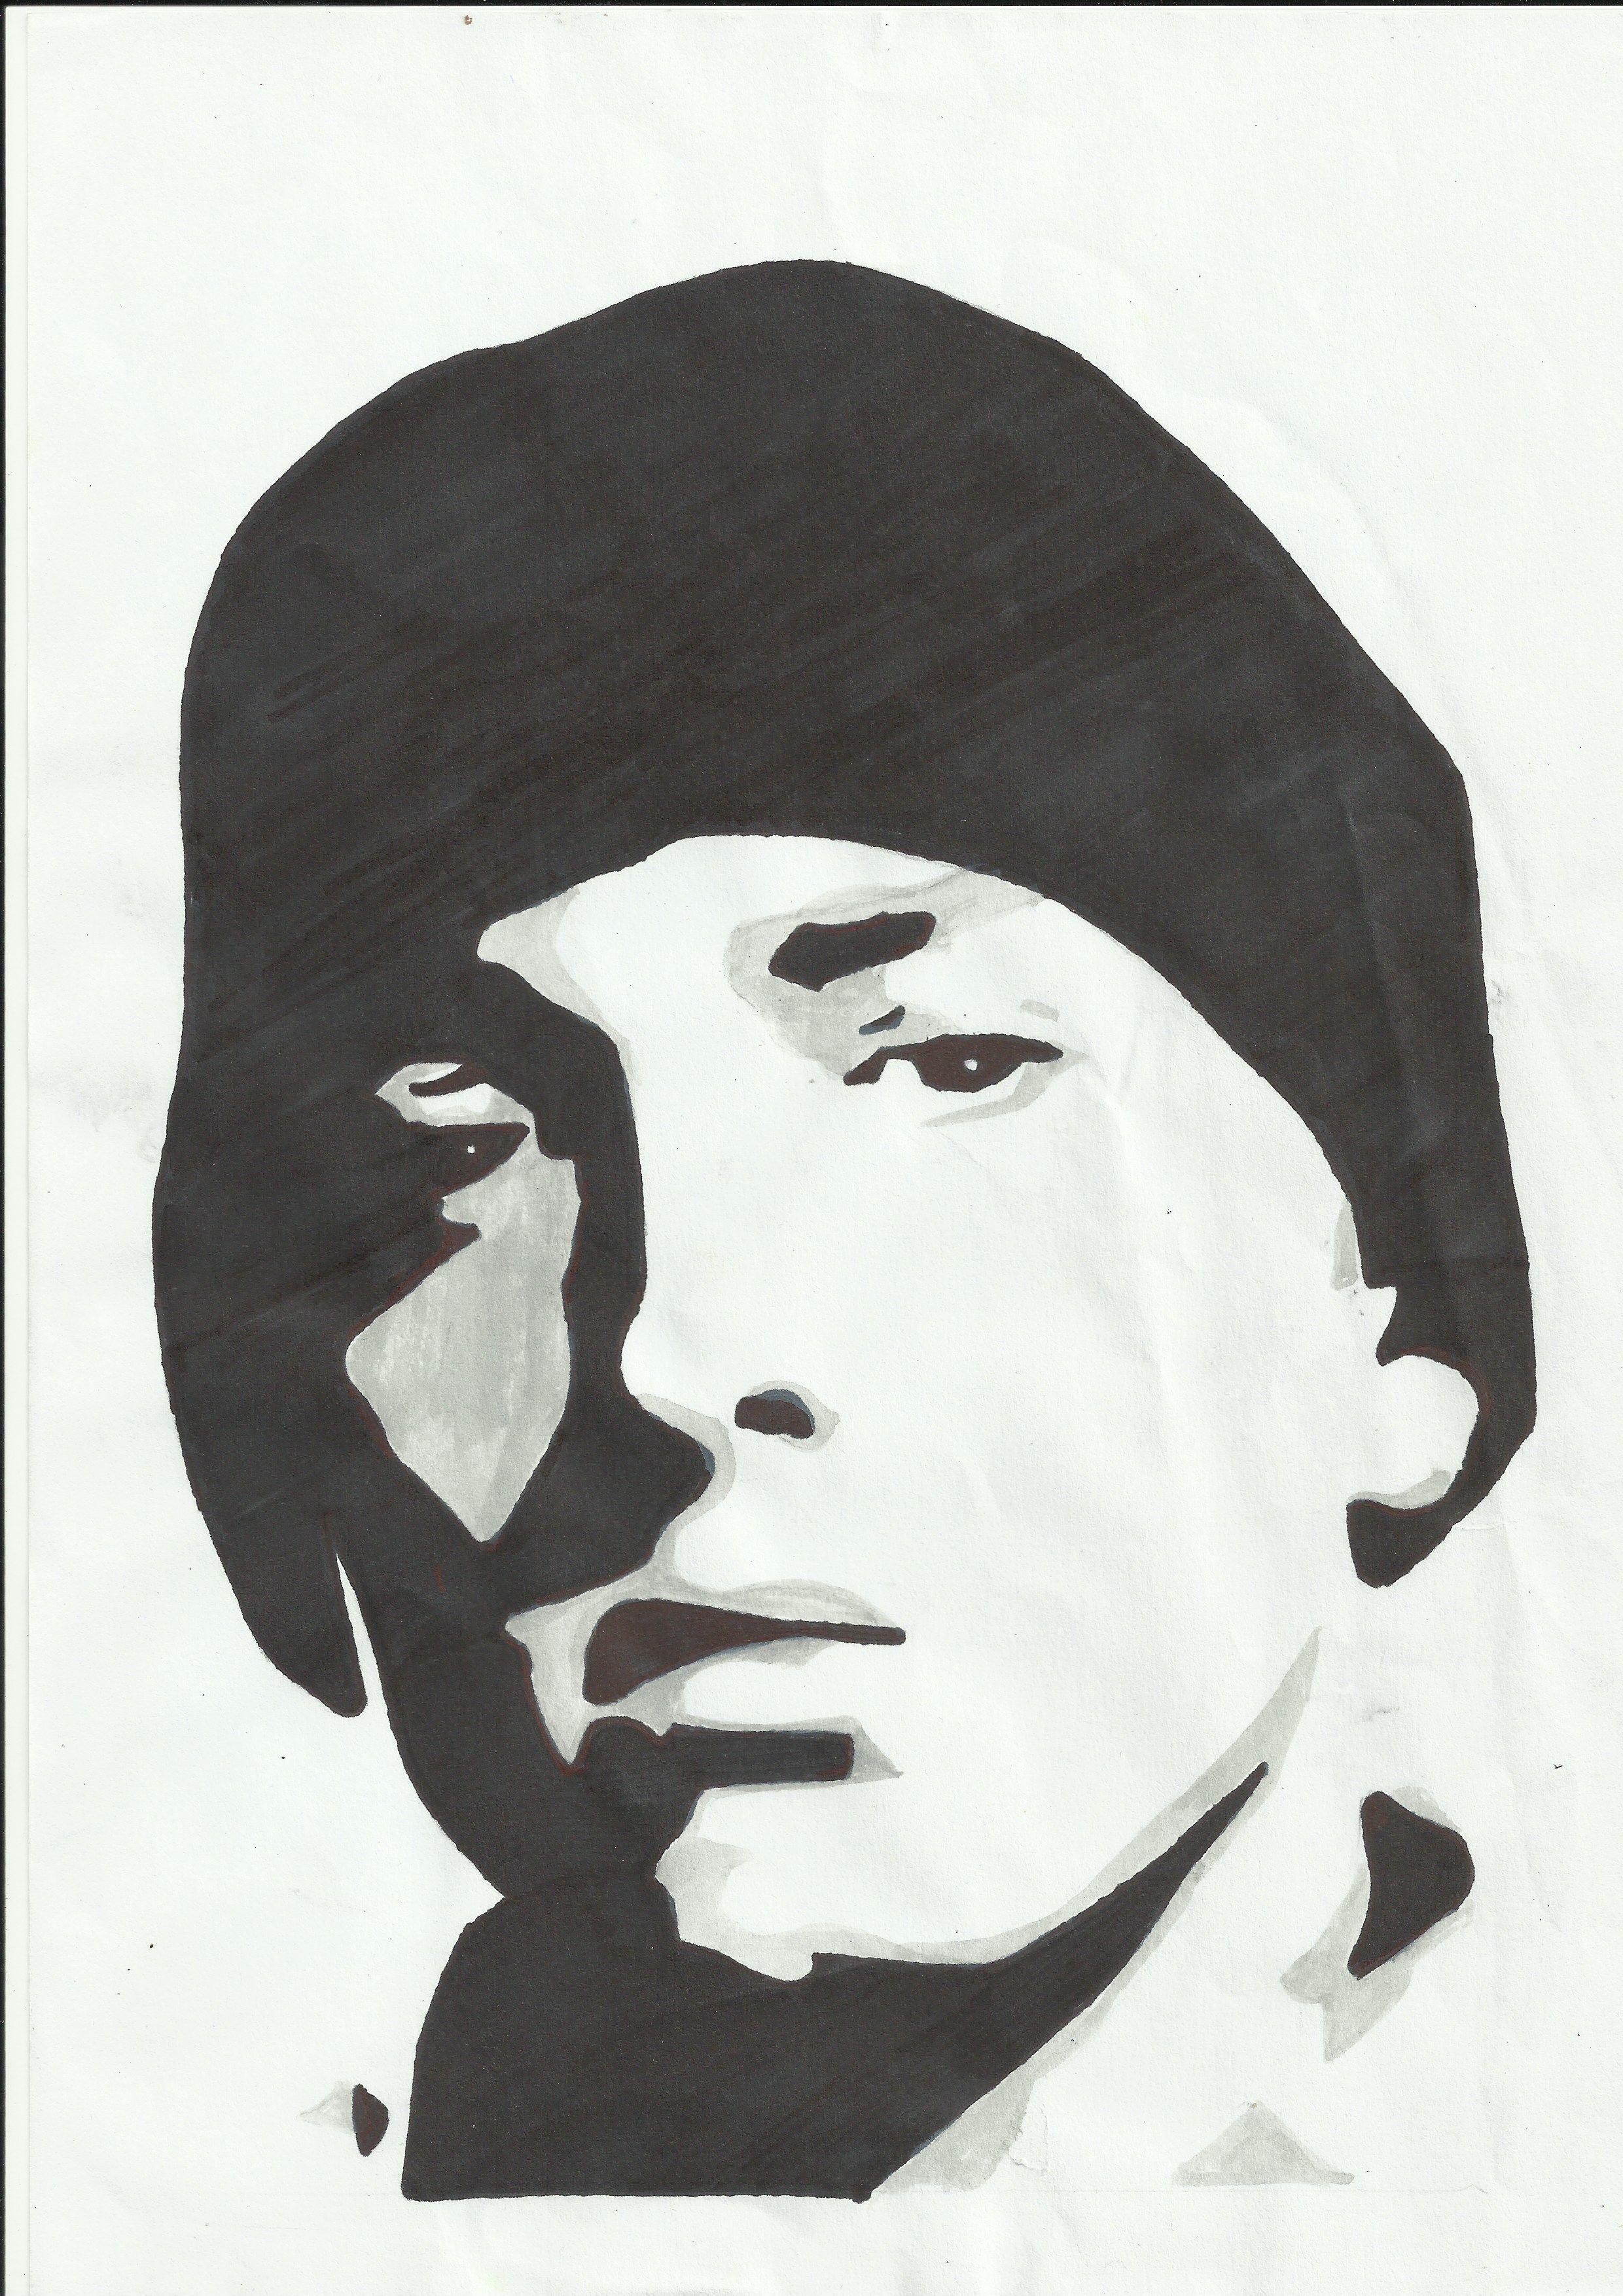 Eminem silhouette art pinterest eminem for Eminem wall mural